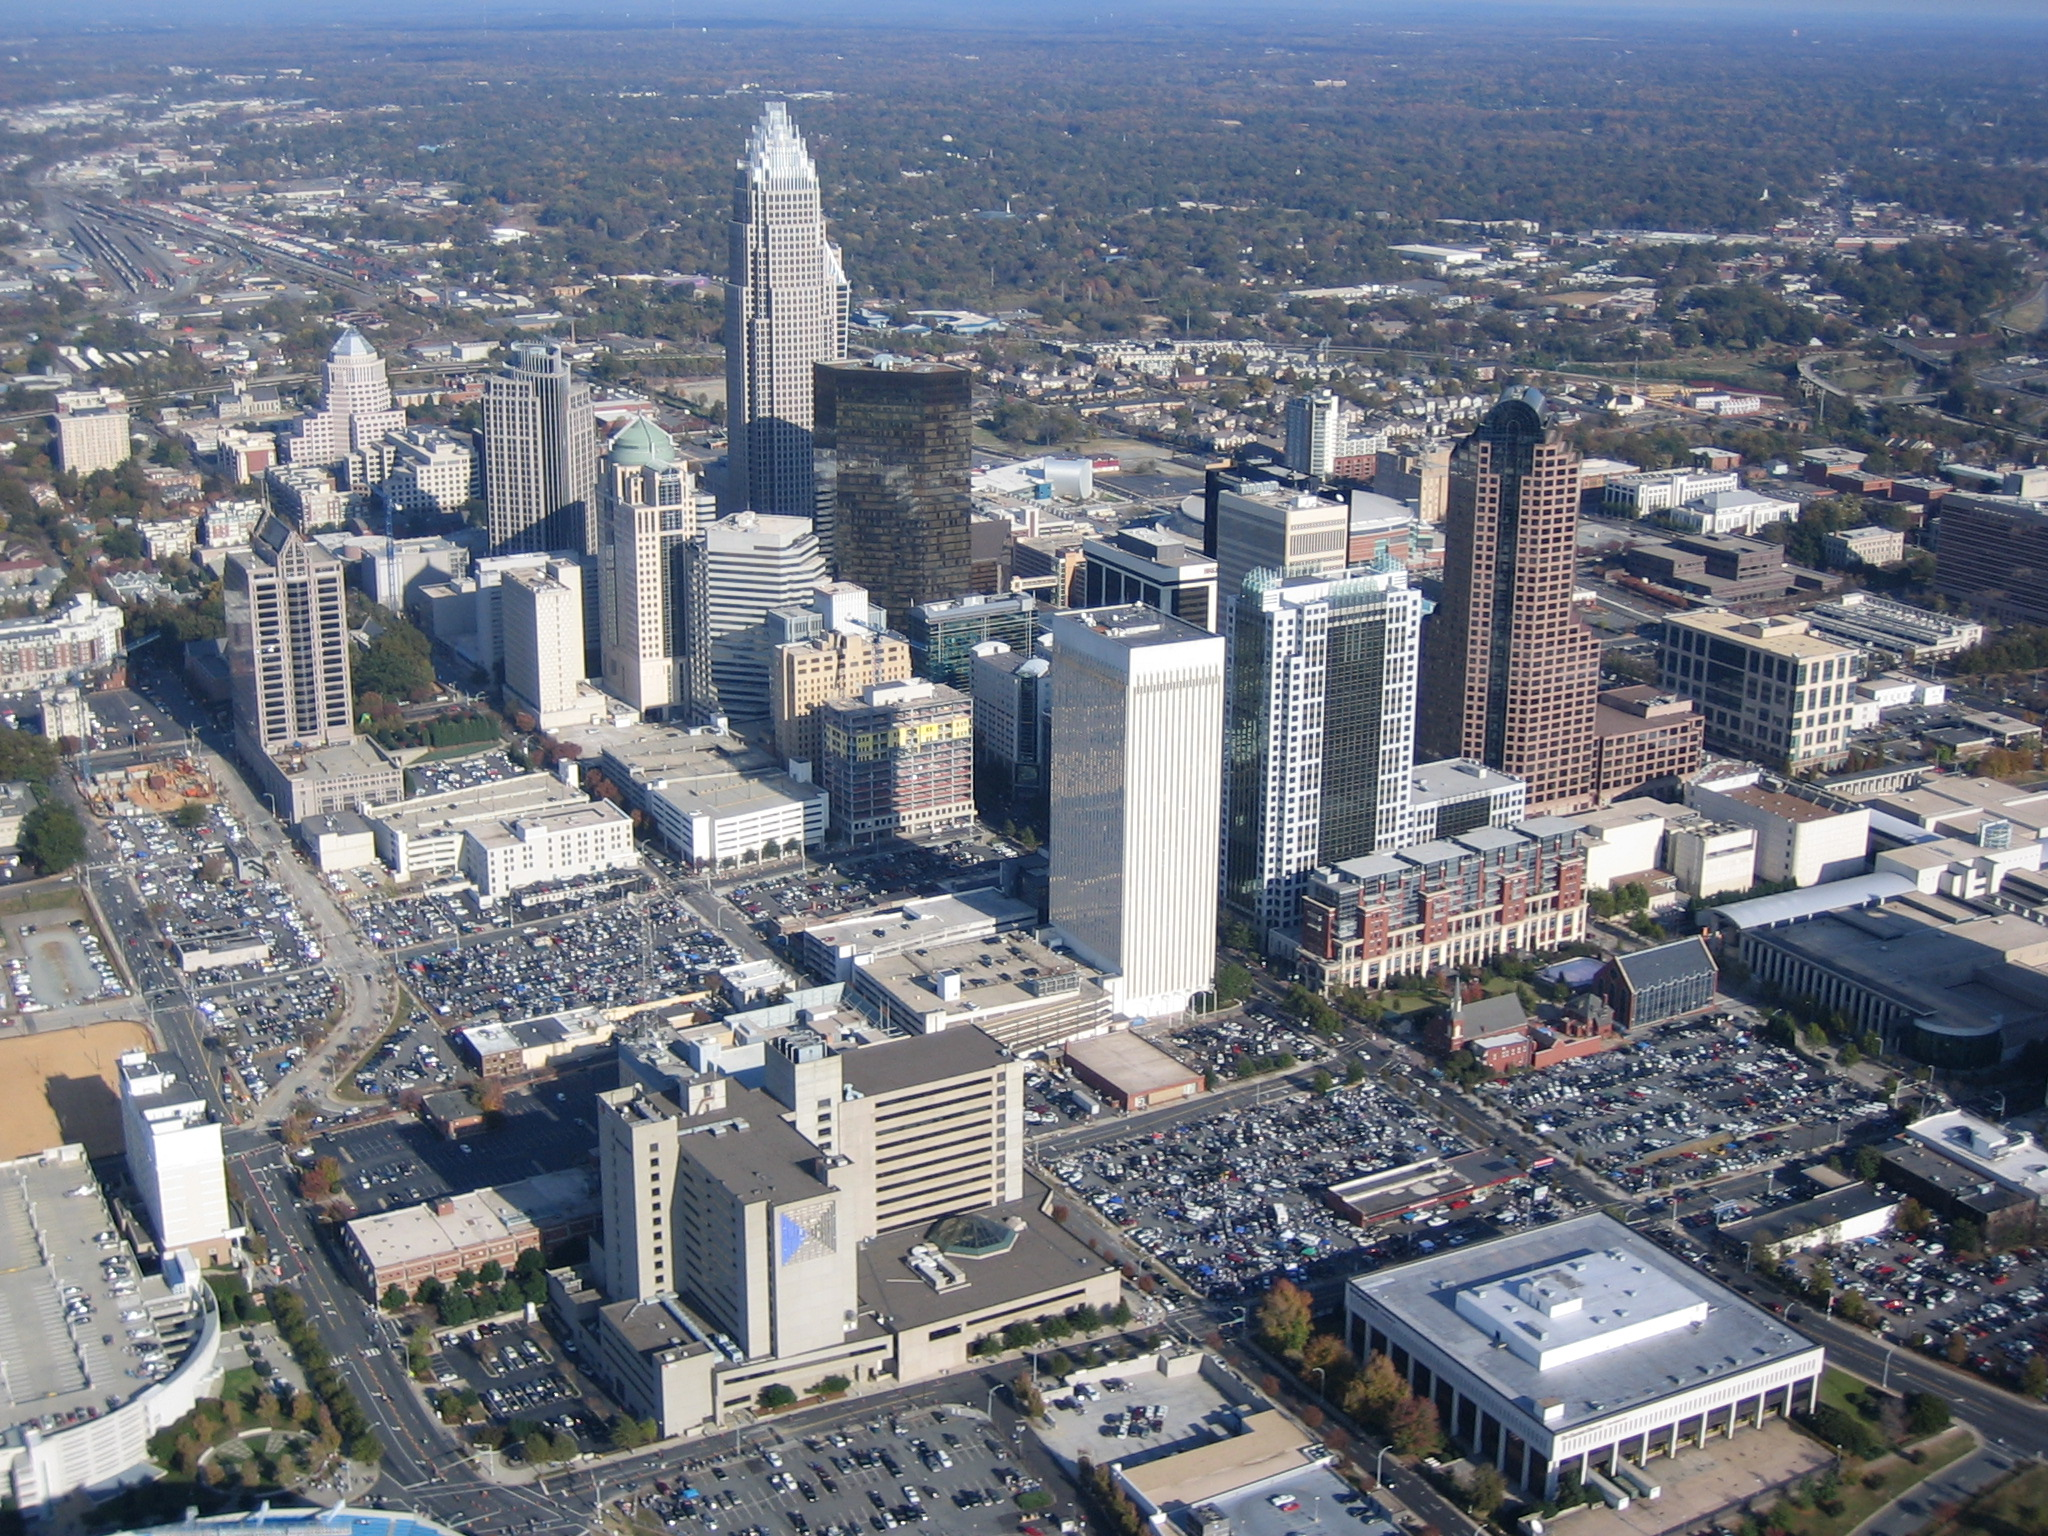 Aerial_Uptown_Charlotte_2005-Nov-13.jpg